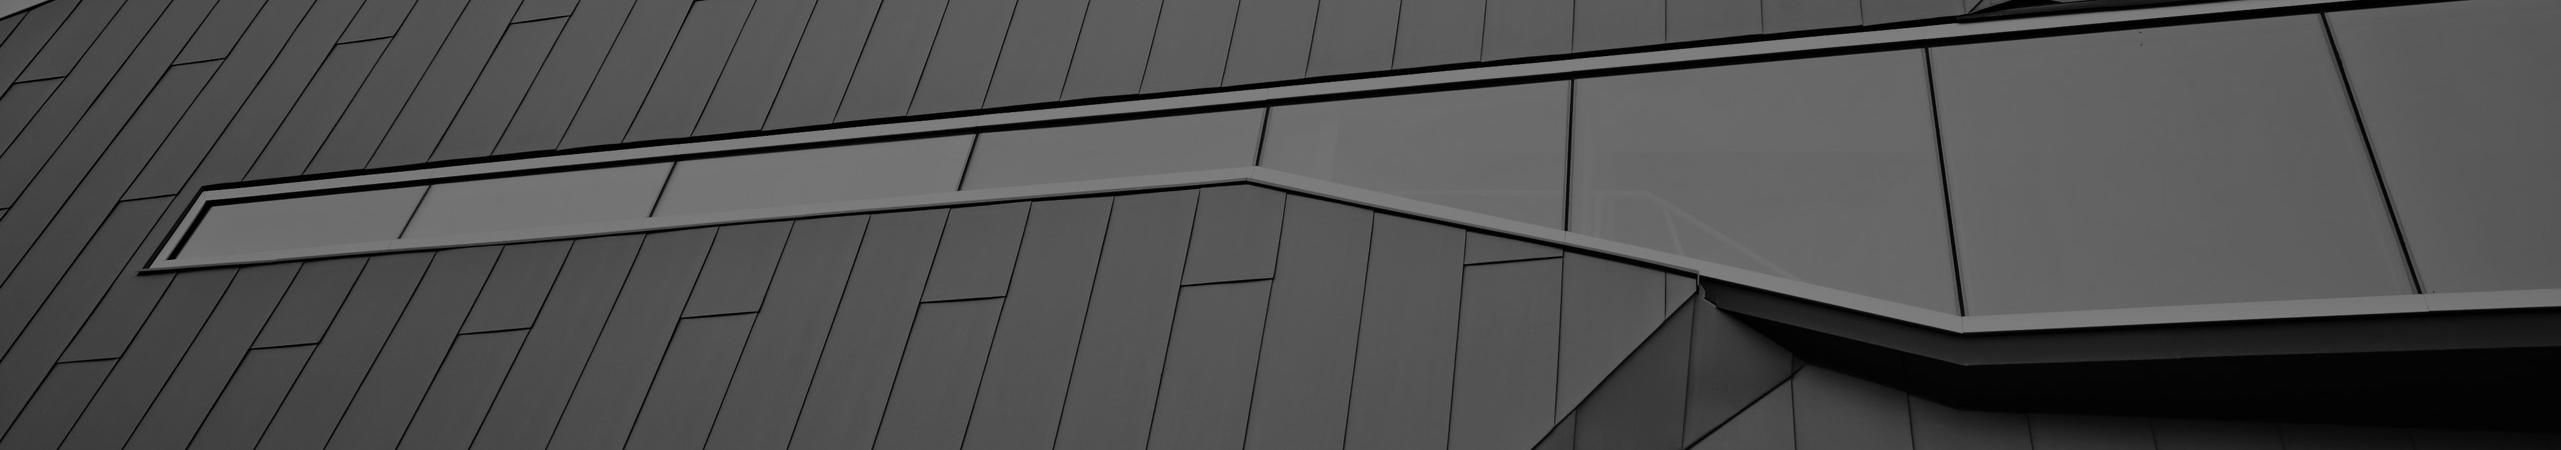 Specialer: Abildhauge A/S rådgivende ingeniører og arkitekter